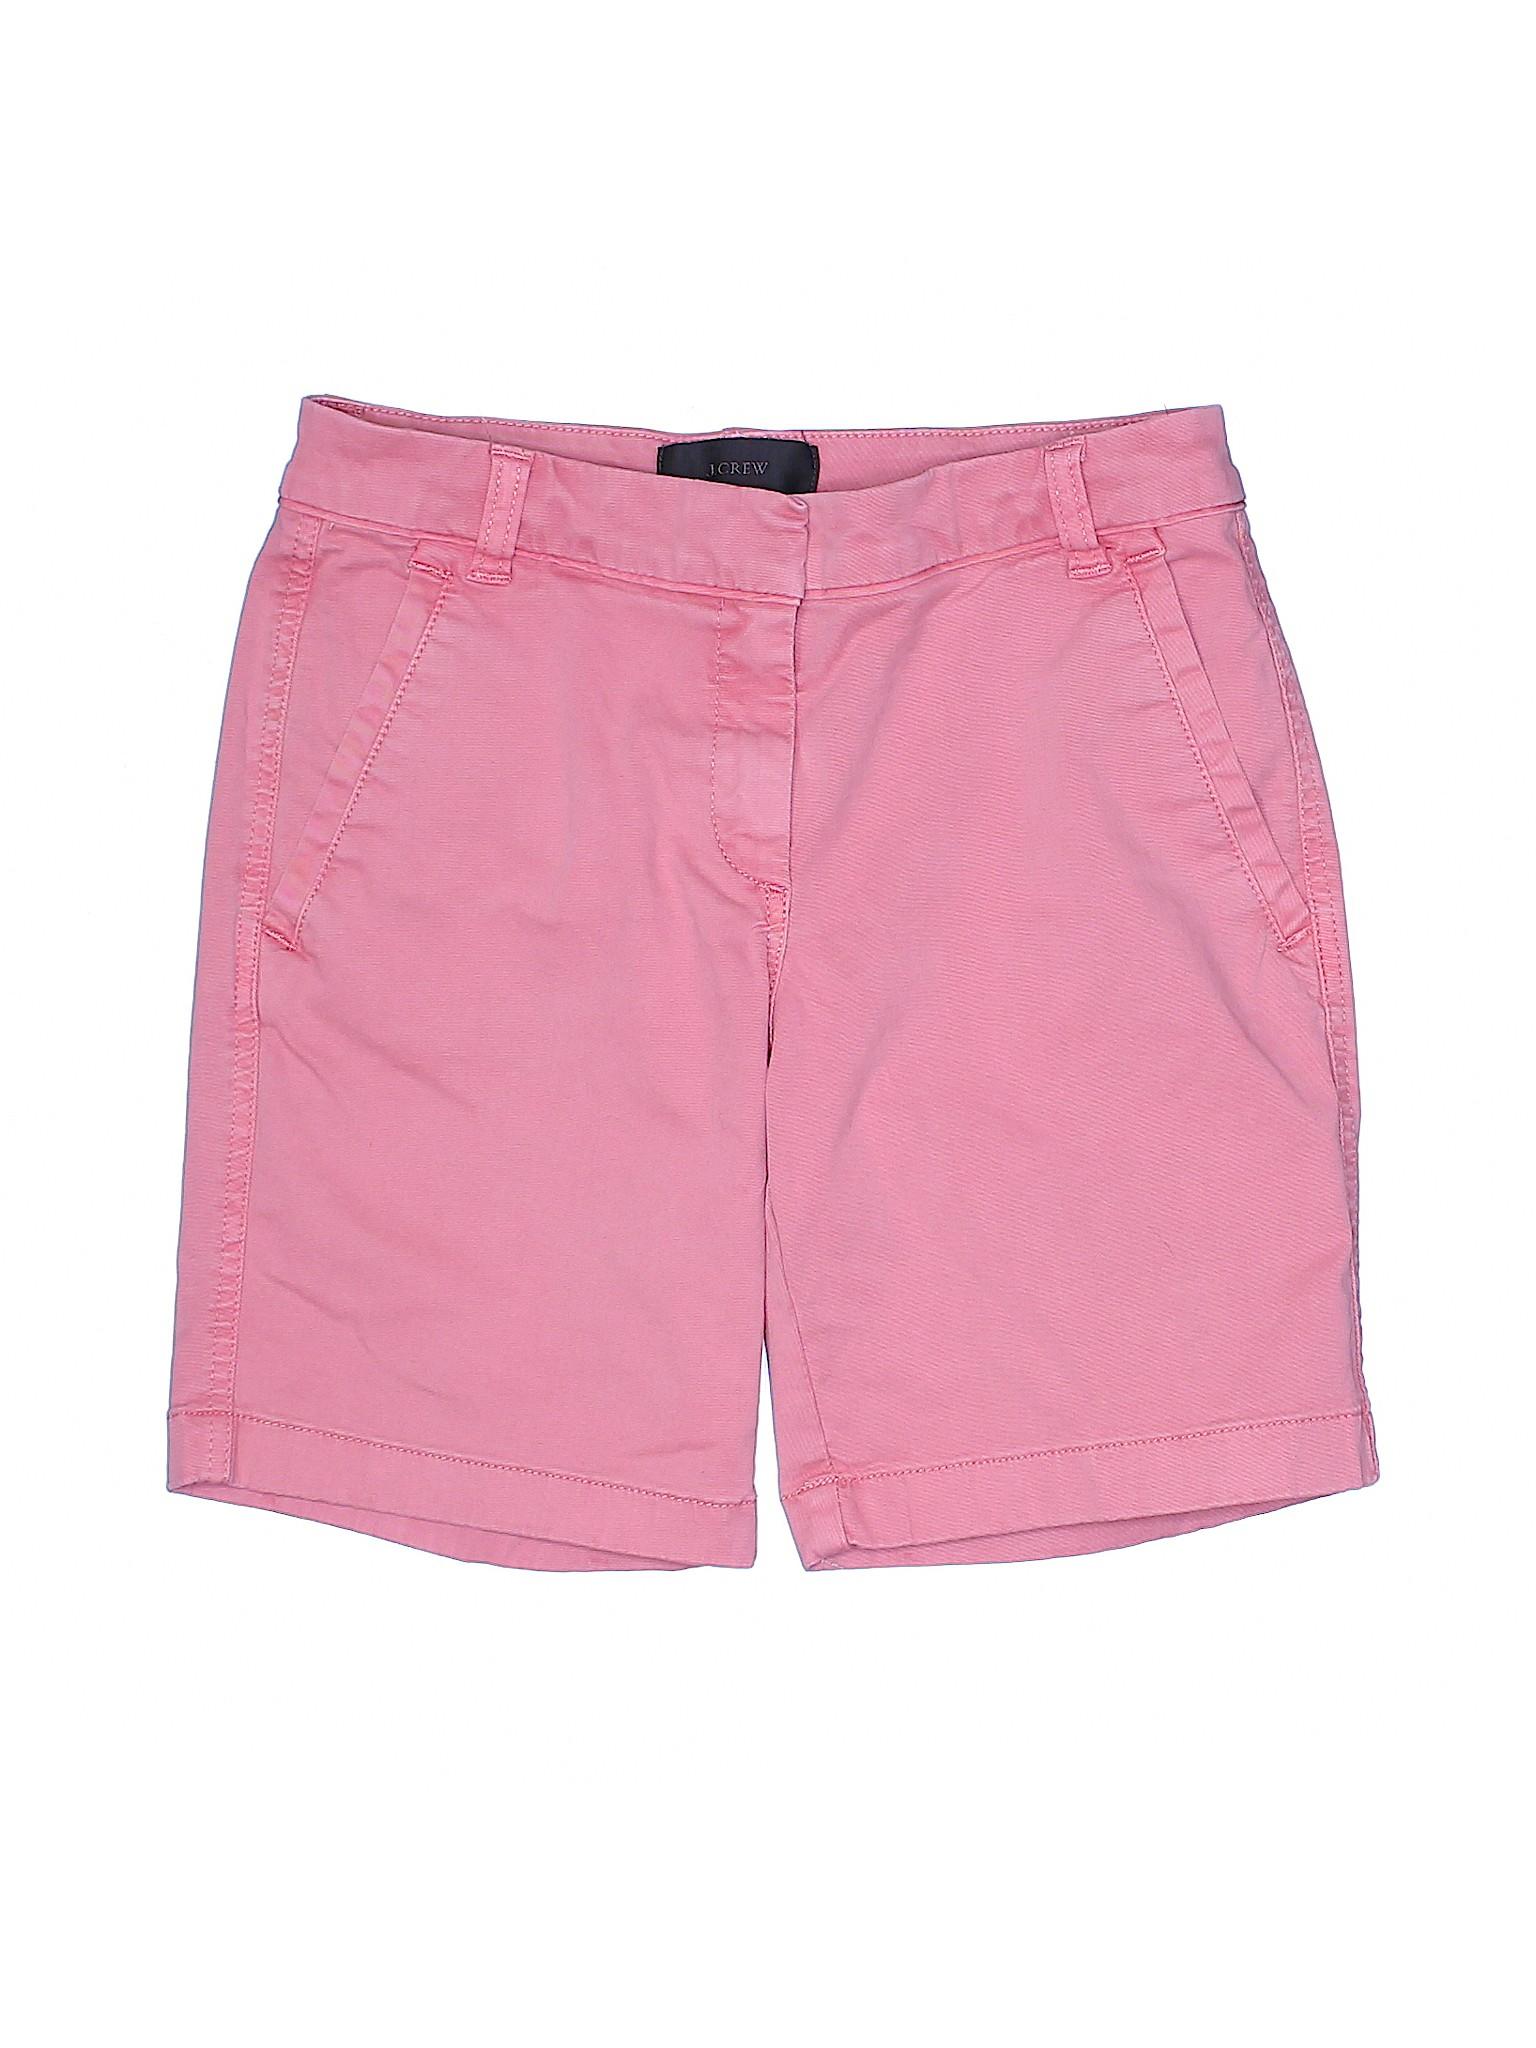 Shorts Boutique J Crew leisure Khaki Fr5qrI